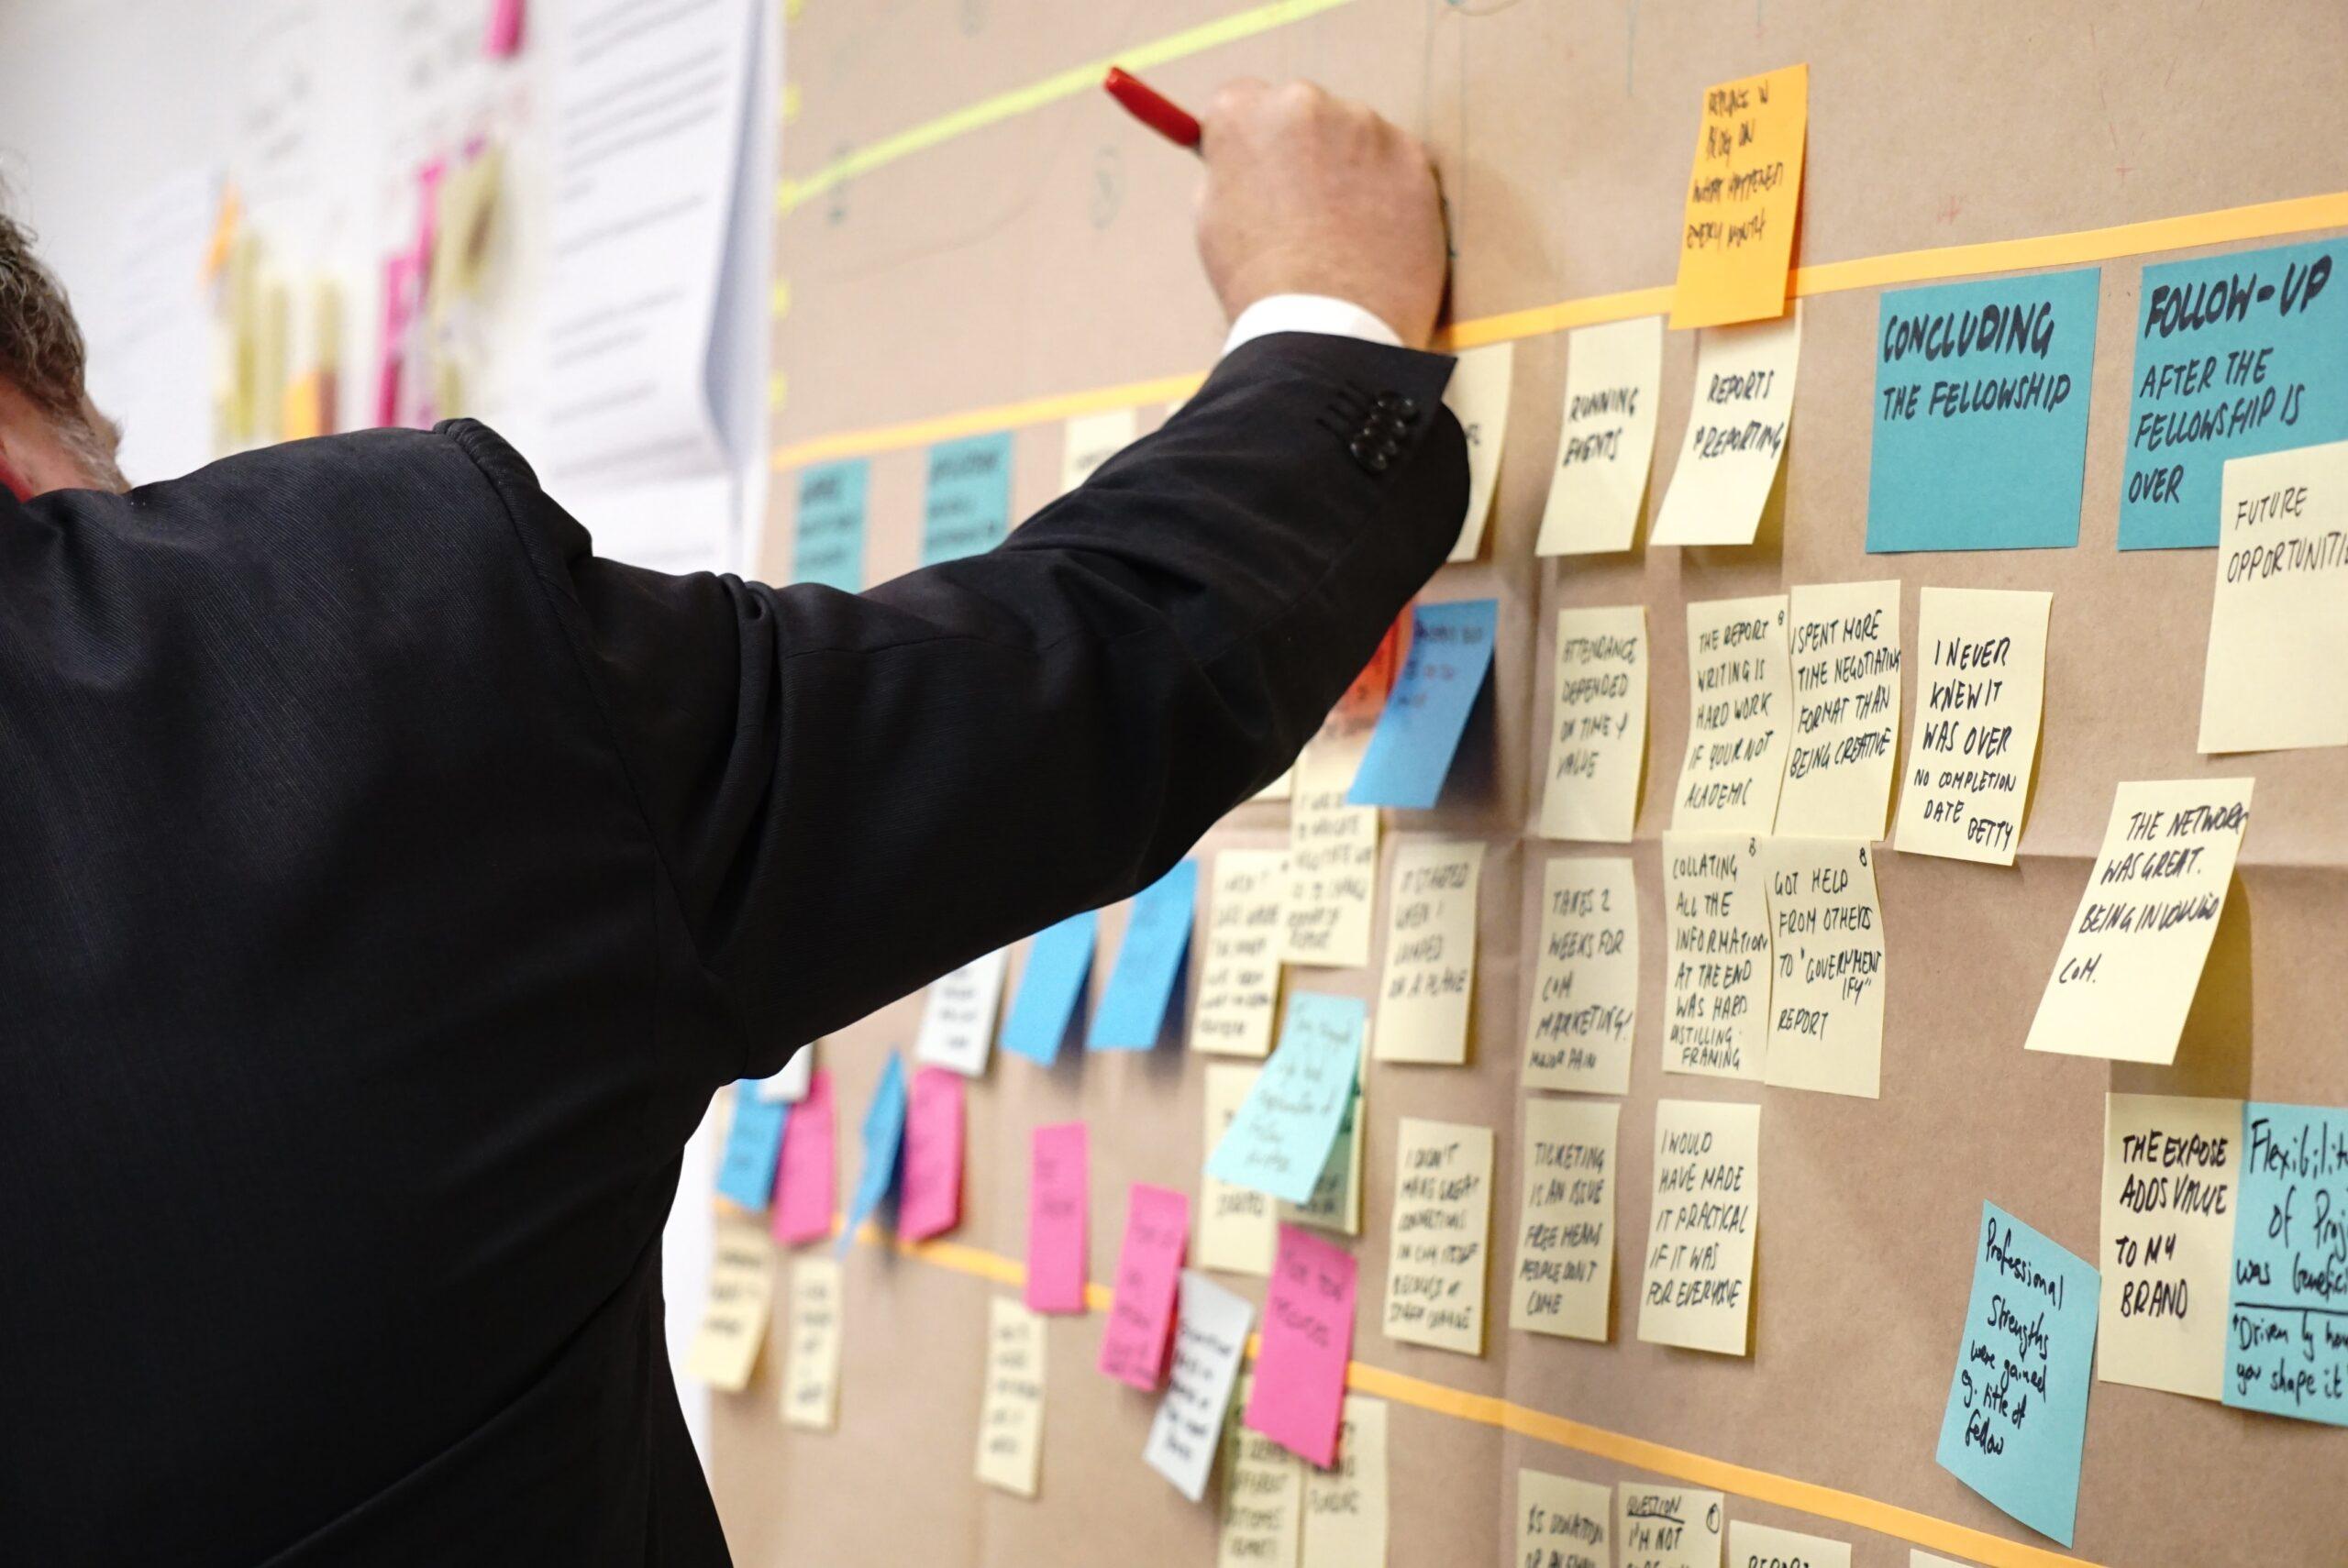 Exemple de board en atelier design thinking